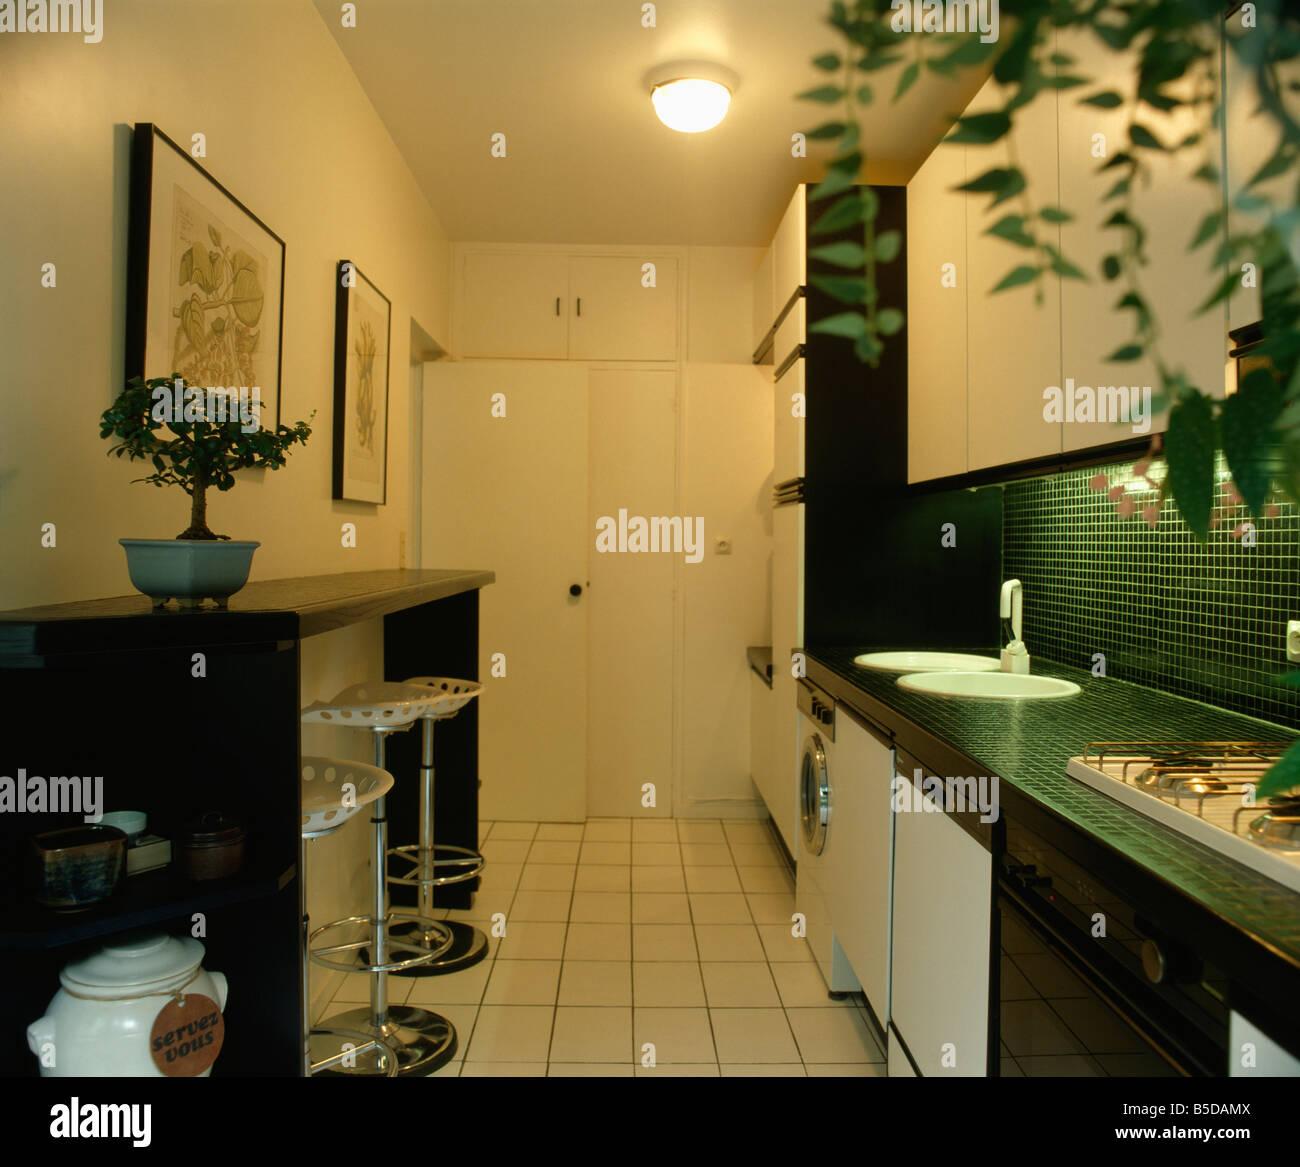 Edelstahl Barhocker Schwarz Frühstücksbar In Pantry Küche Mit Weißen  Fliesen Und Weiße Wannen In Schwarzen Arbeitsplatte